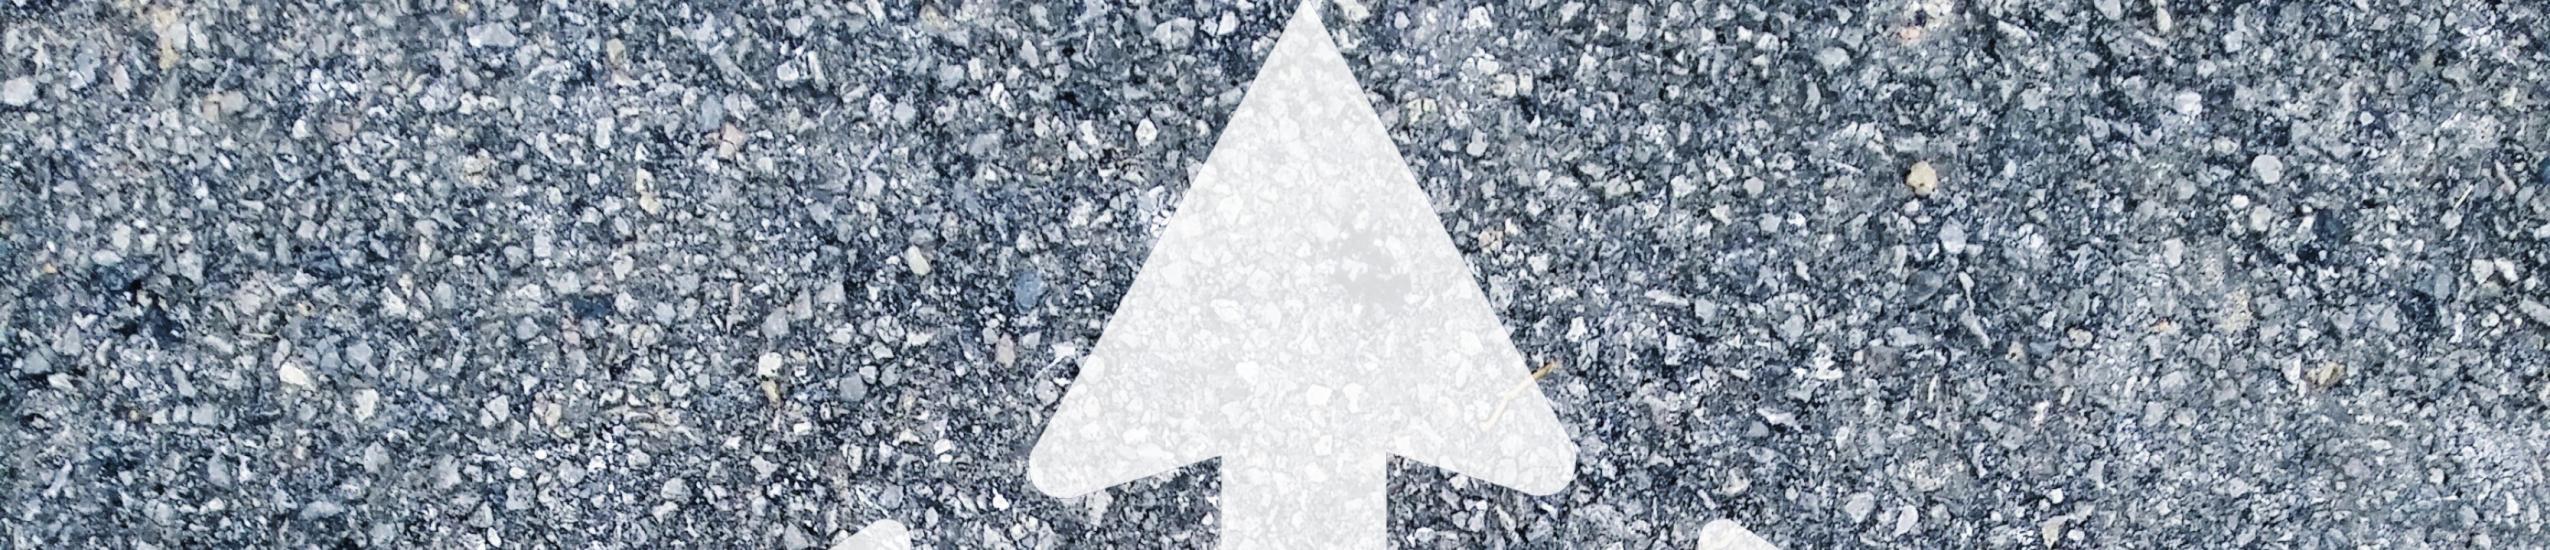 Scegliere la direzione giusta